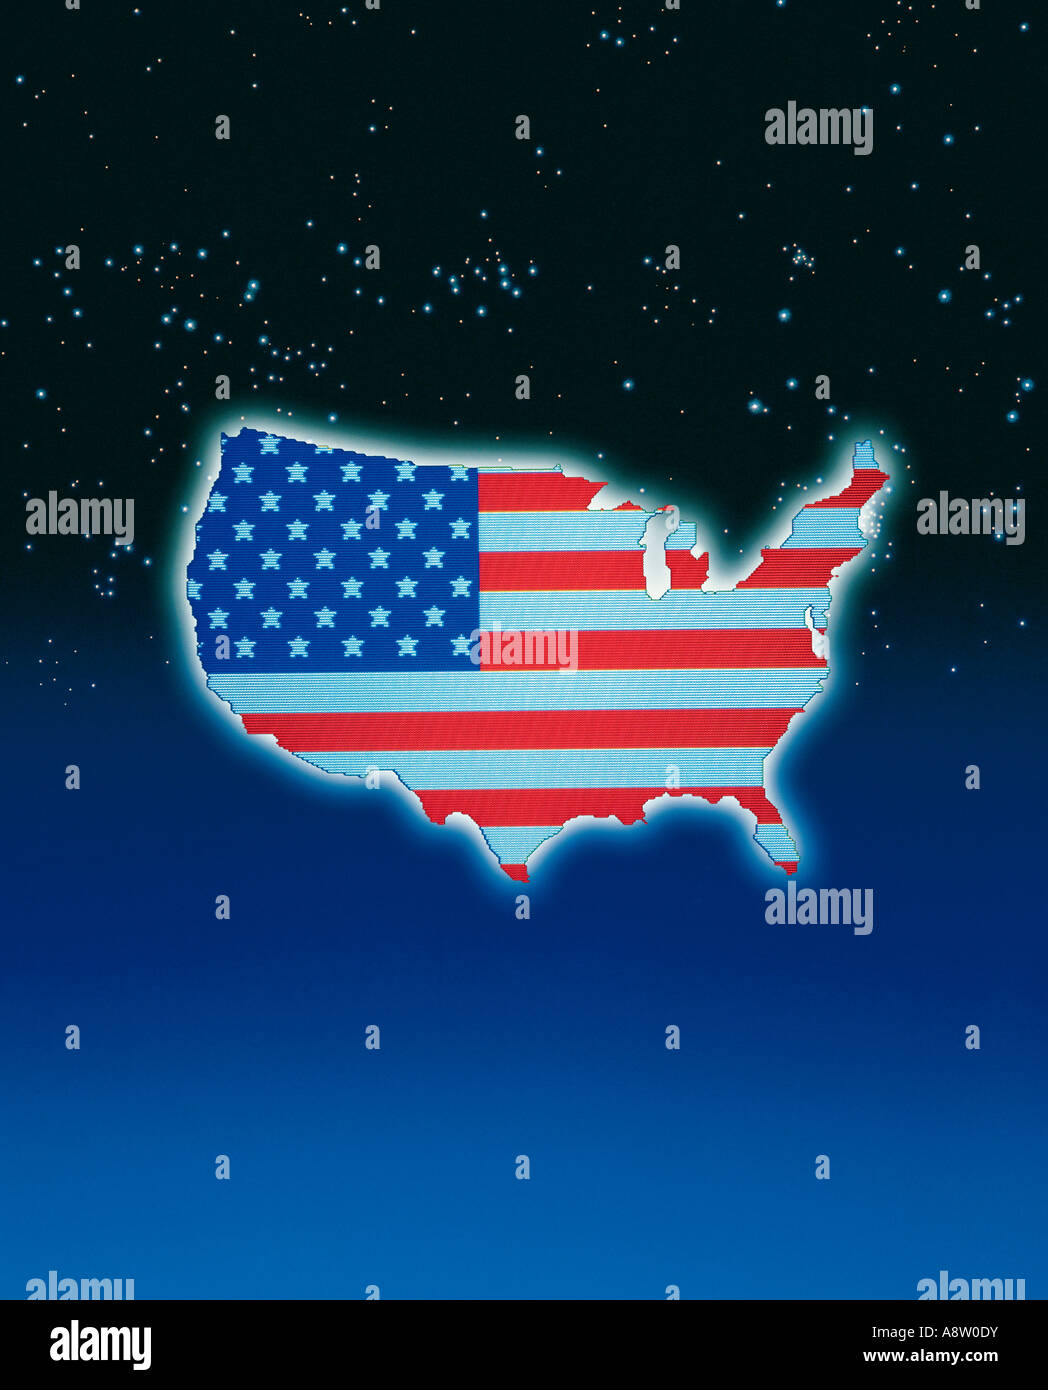 Concept Artwork. Karte der Vereinigten Staaten von Amerika mit dem Sternenbanner Flagge gegen Sternenhimmel Hintergrund. Stockbild